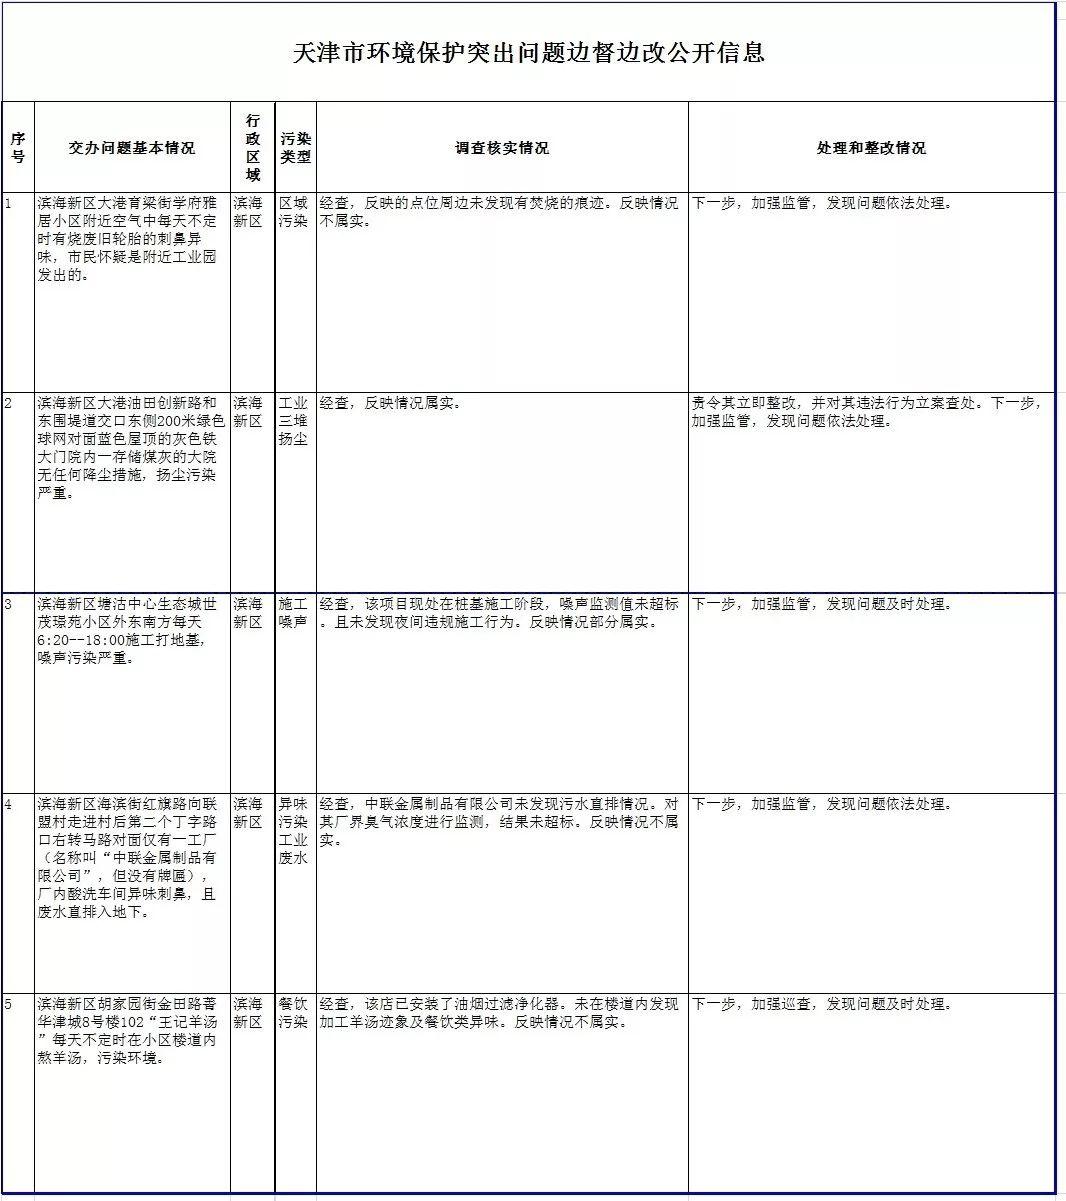 信息|天津市环境保护突出问题边督边改第678、679、680批公开信息